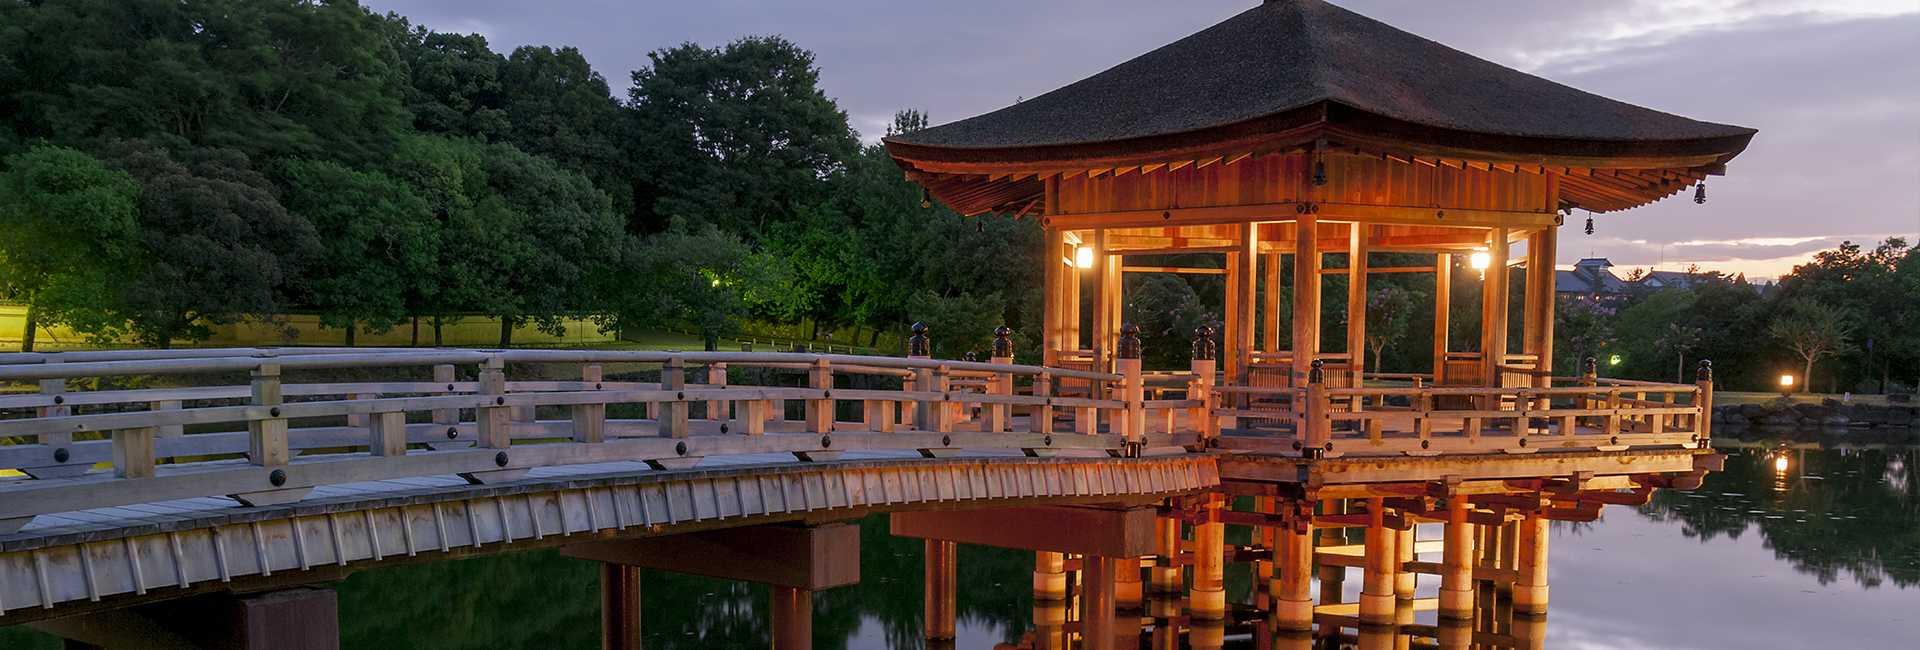 Nara in Giappone